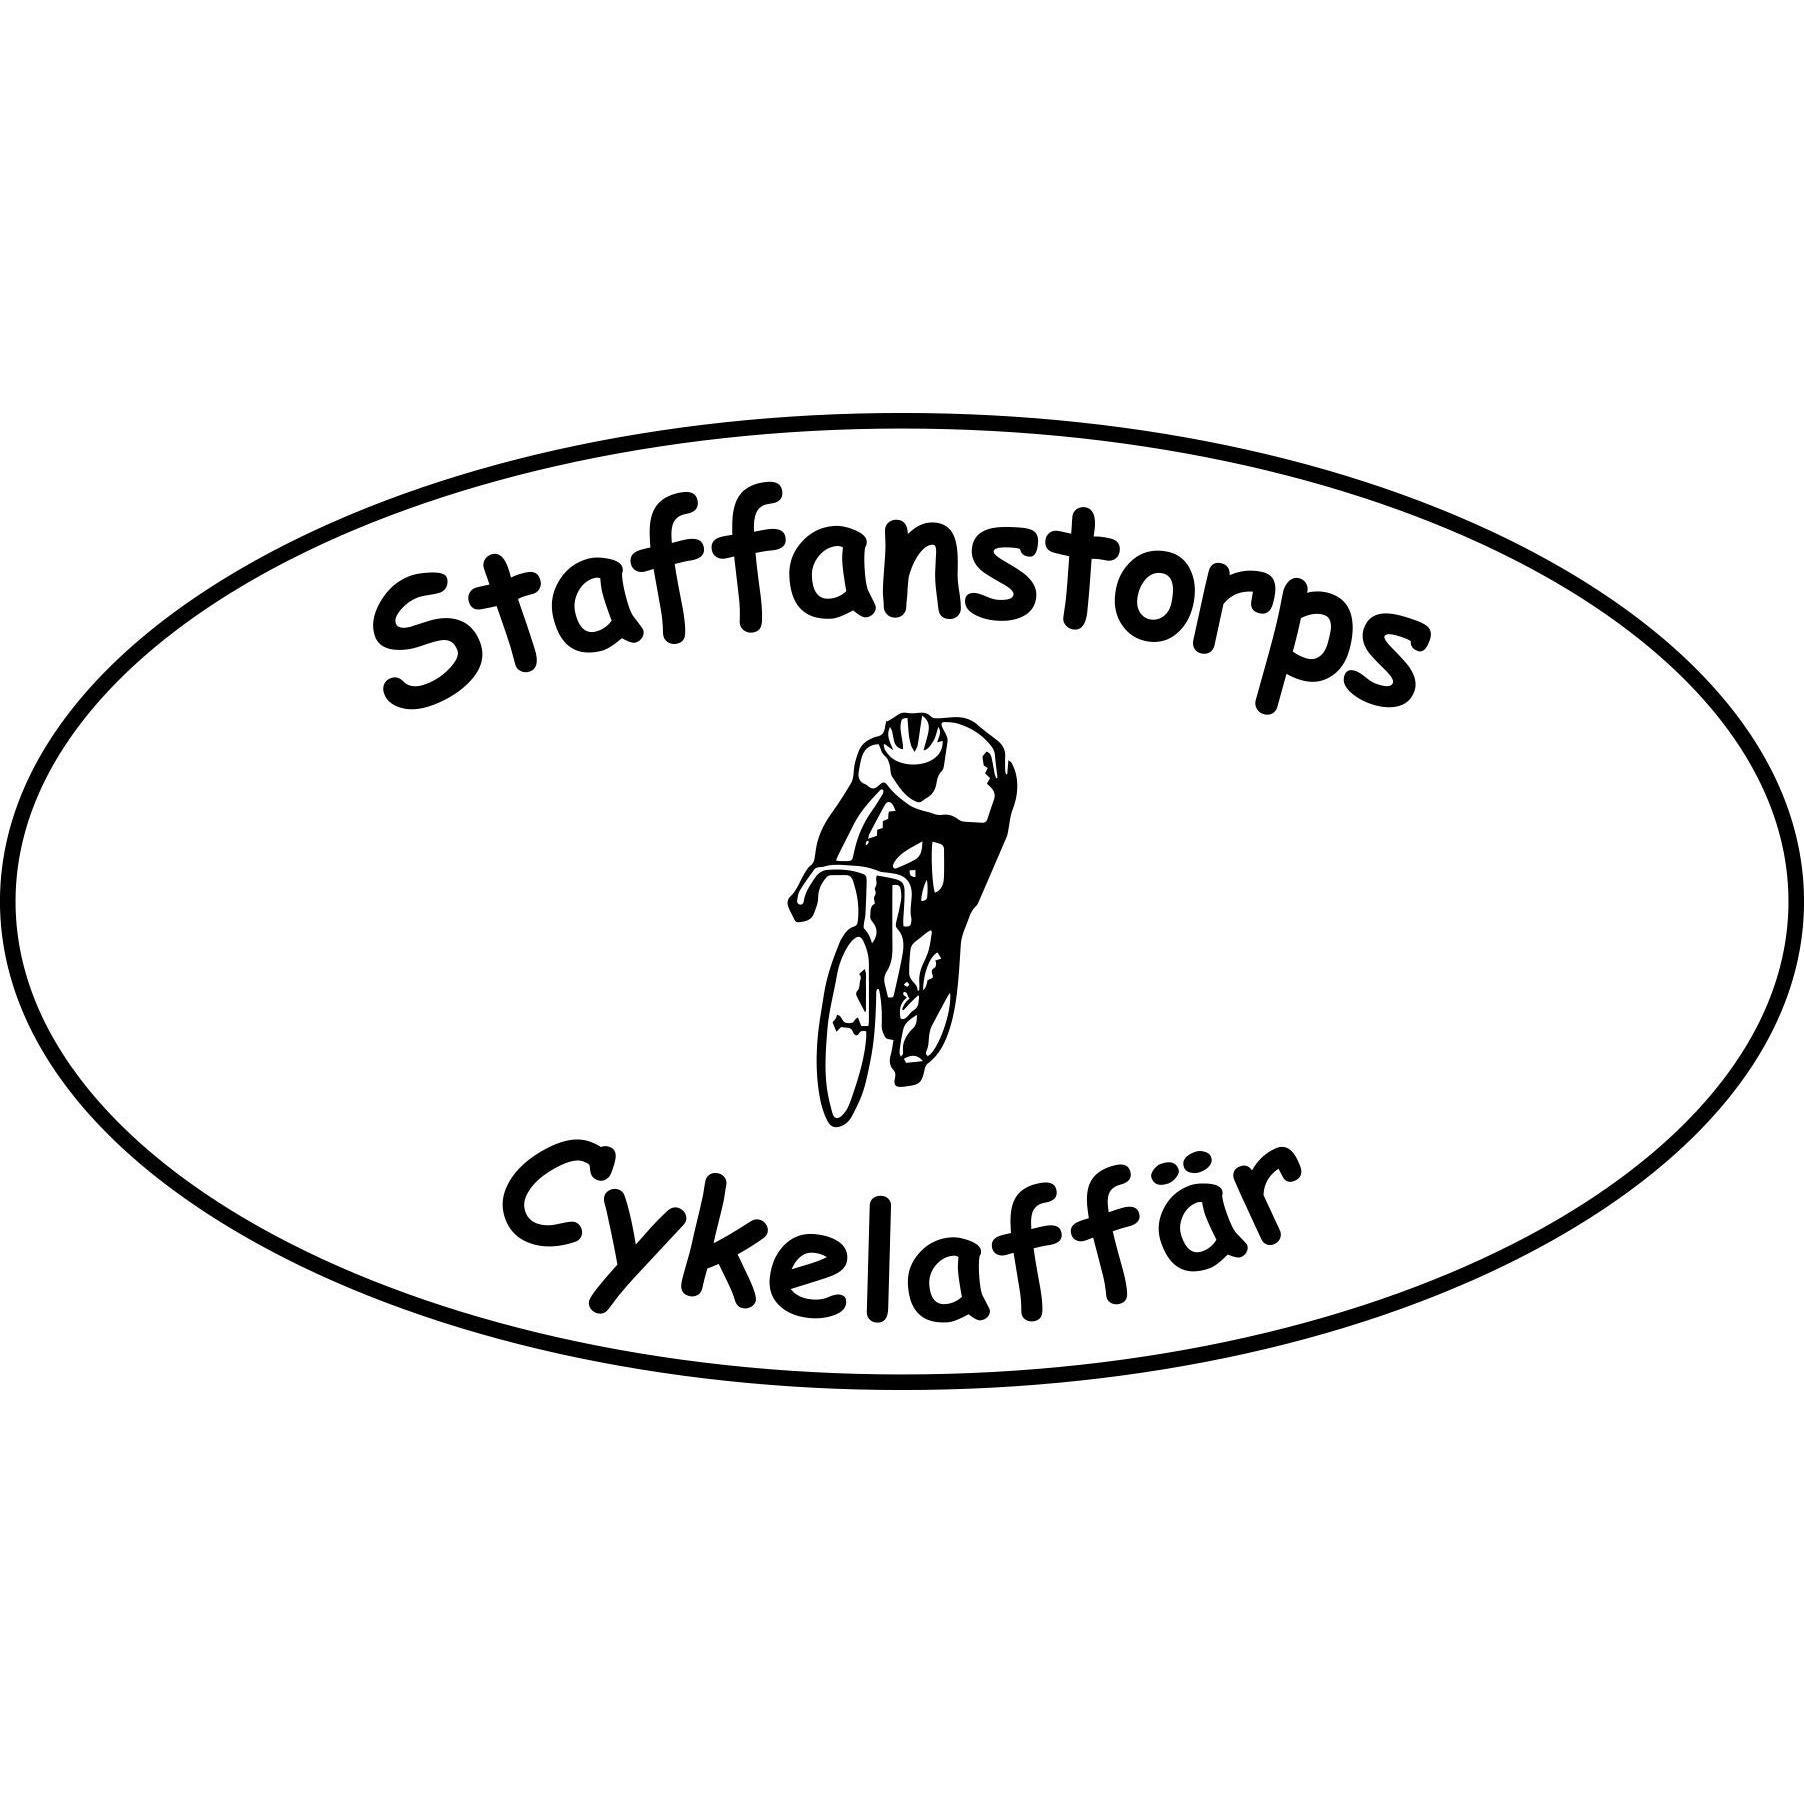 Staffanstorps Cykelaffär AB